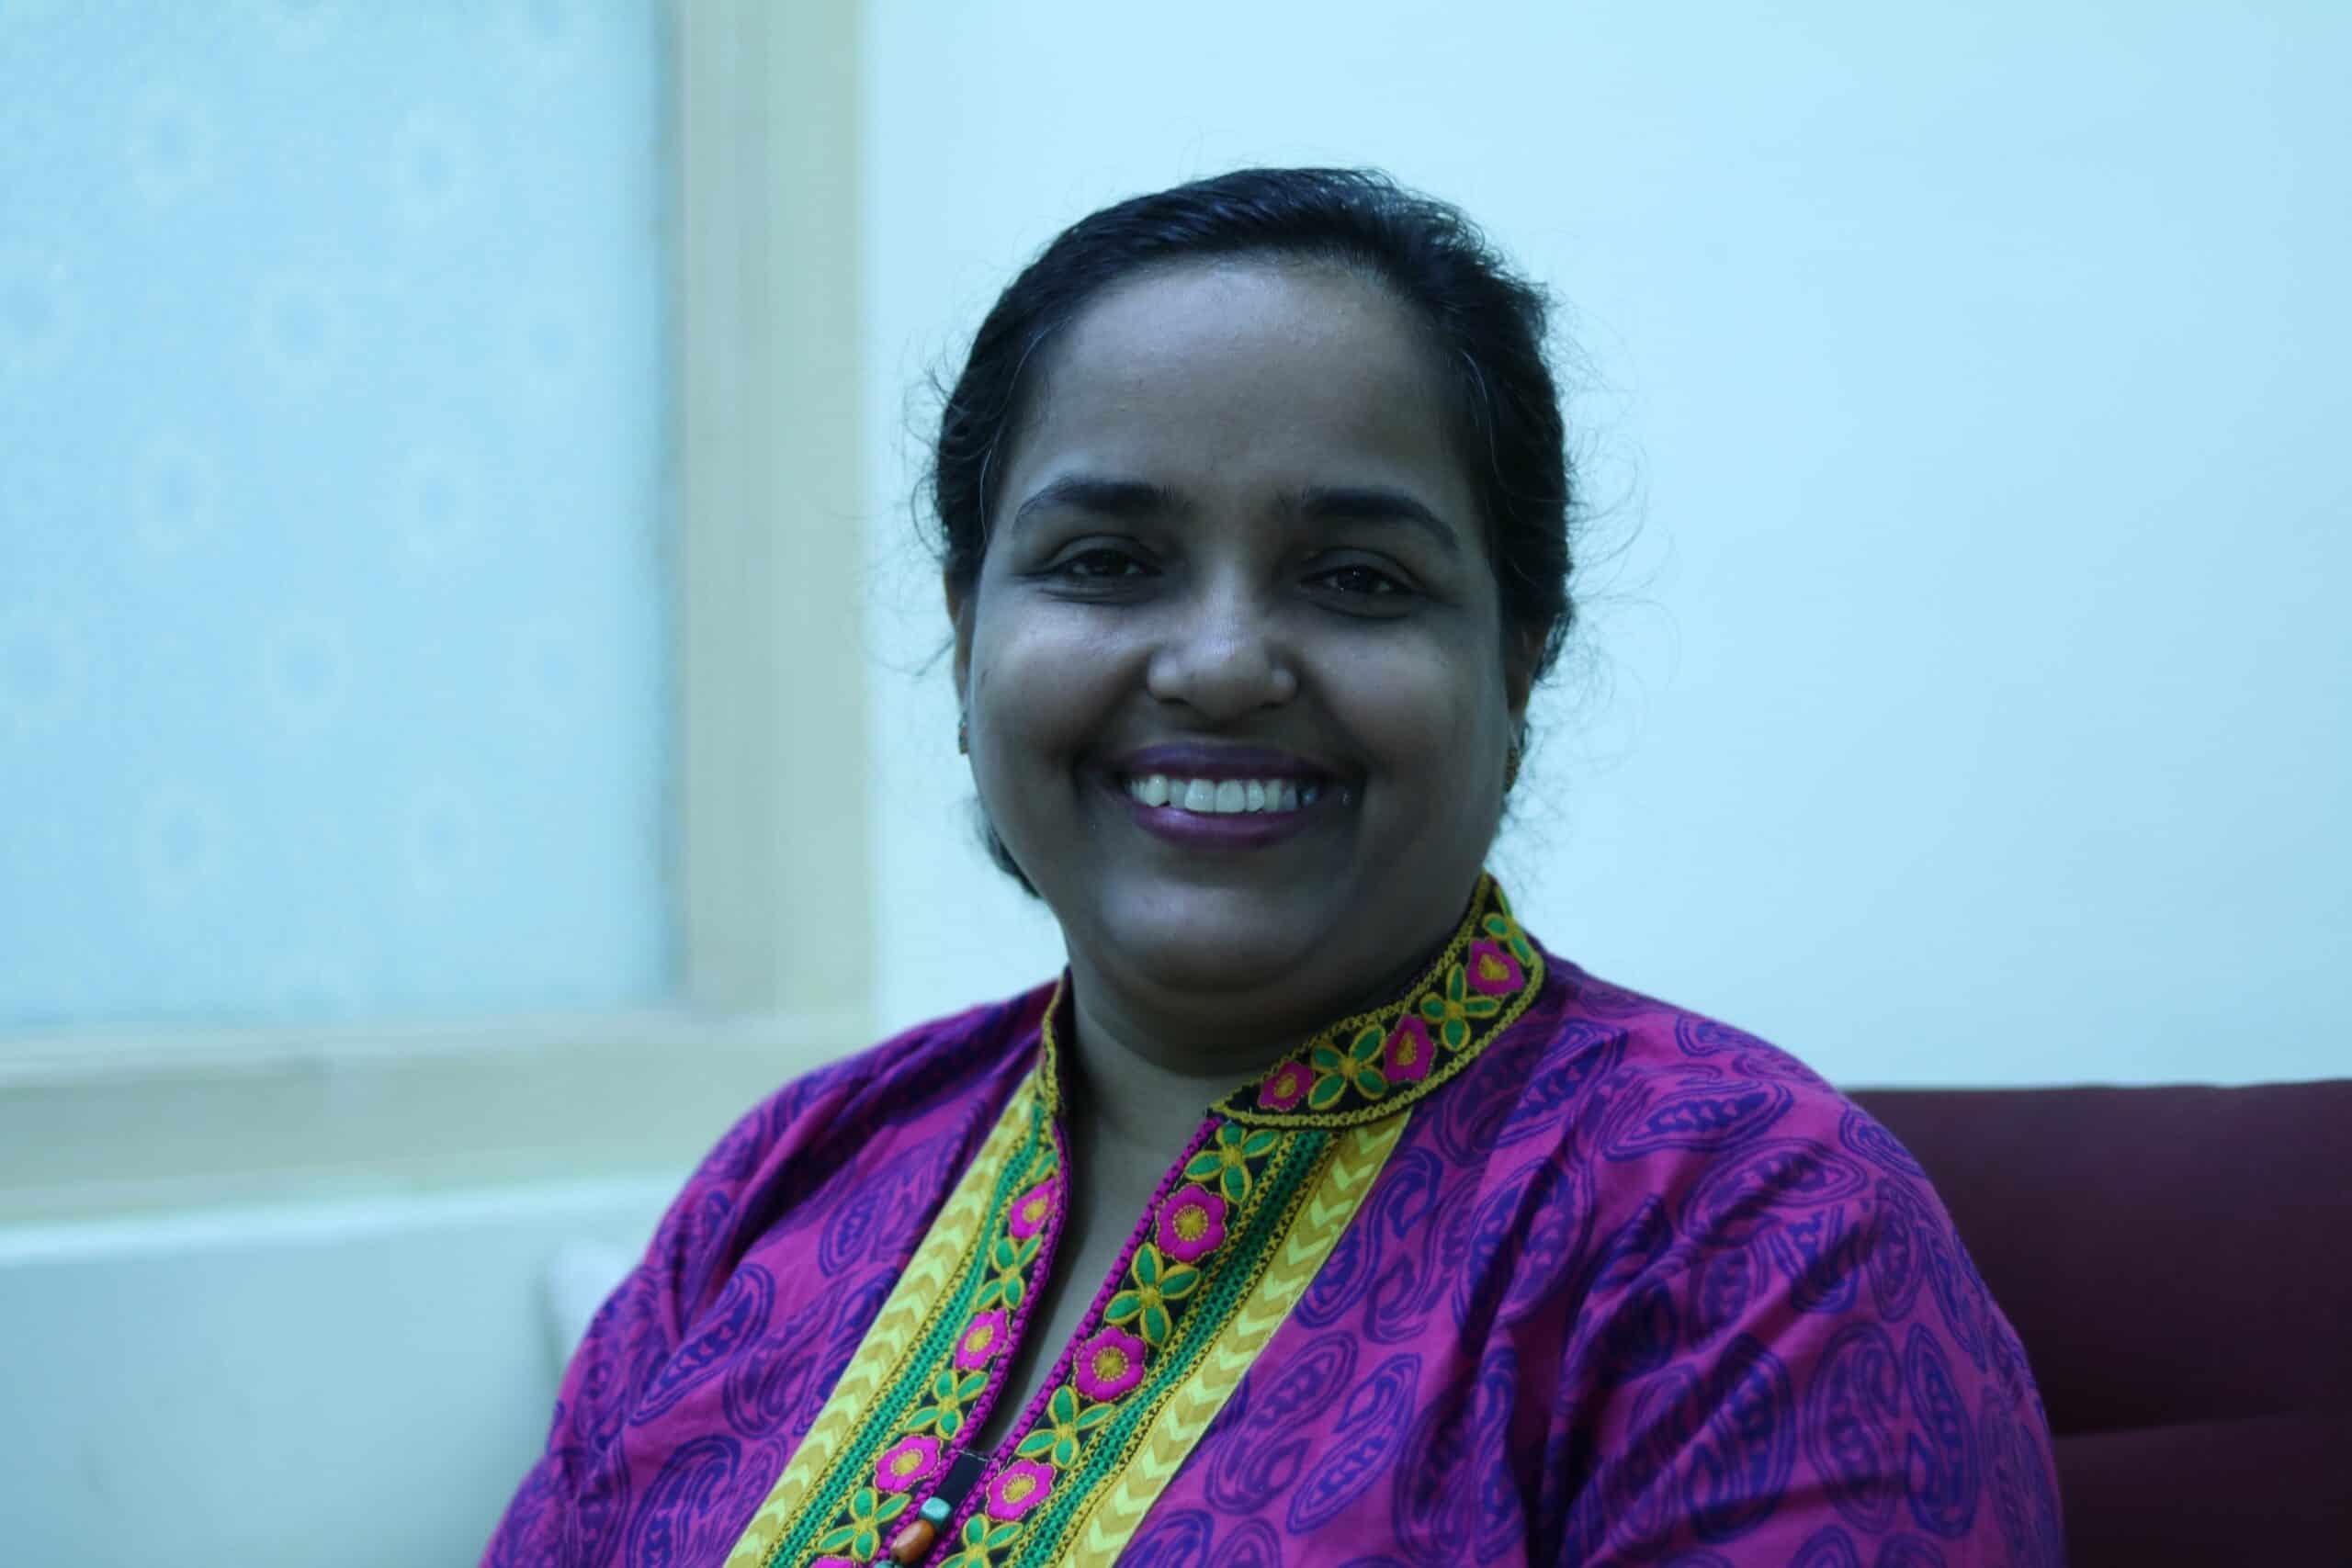 Leena Sushant